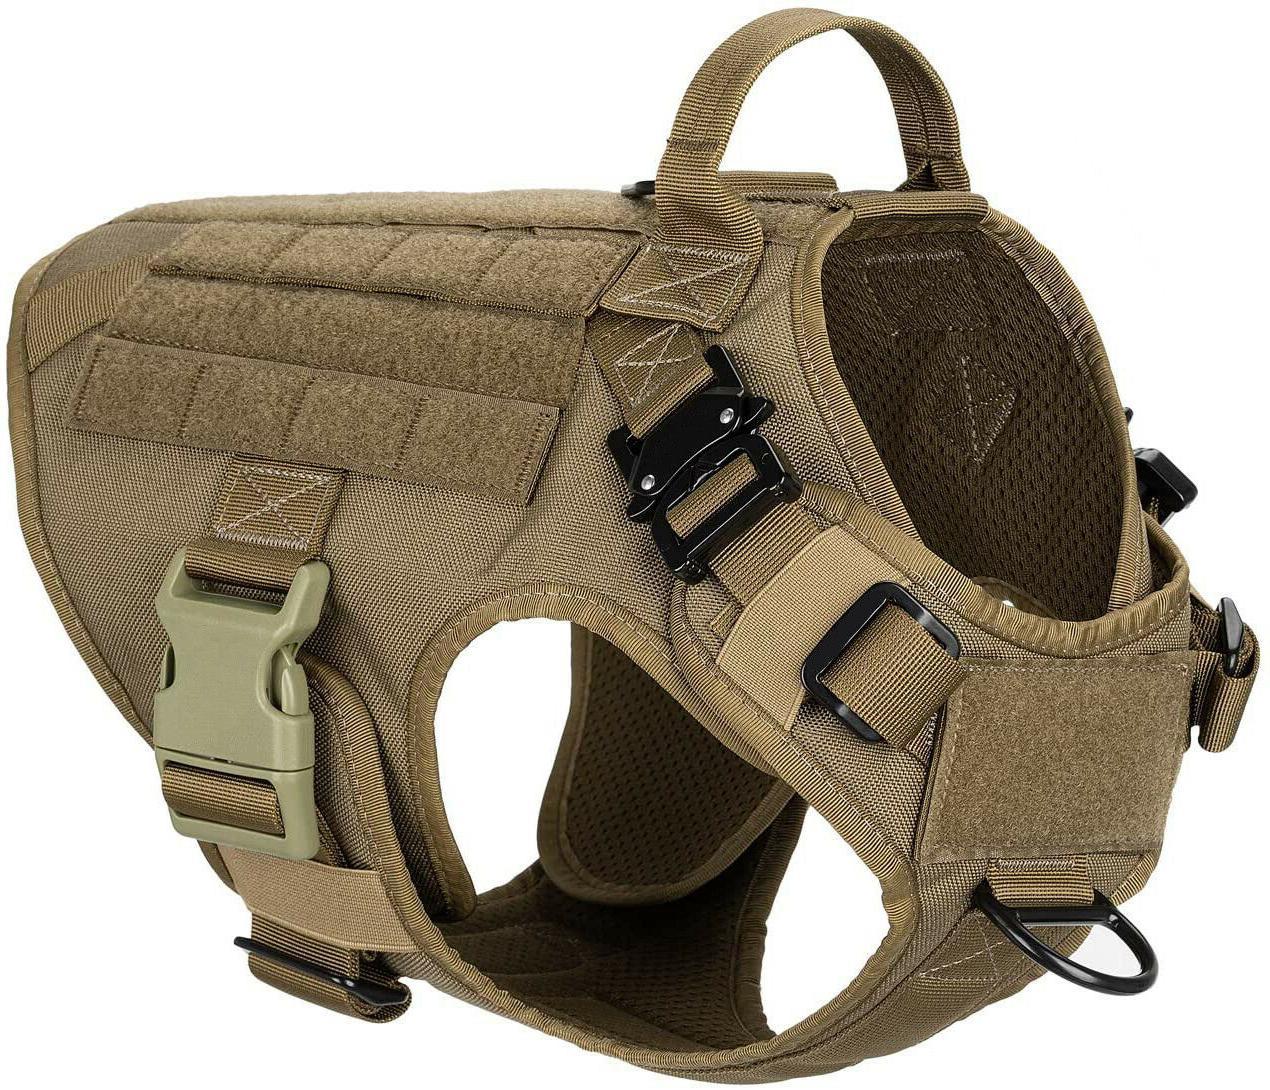 Tactical Dog Handle Large Military Dog Dog